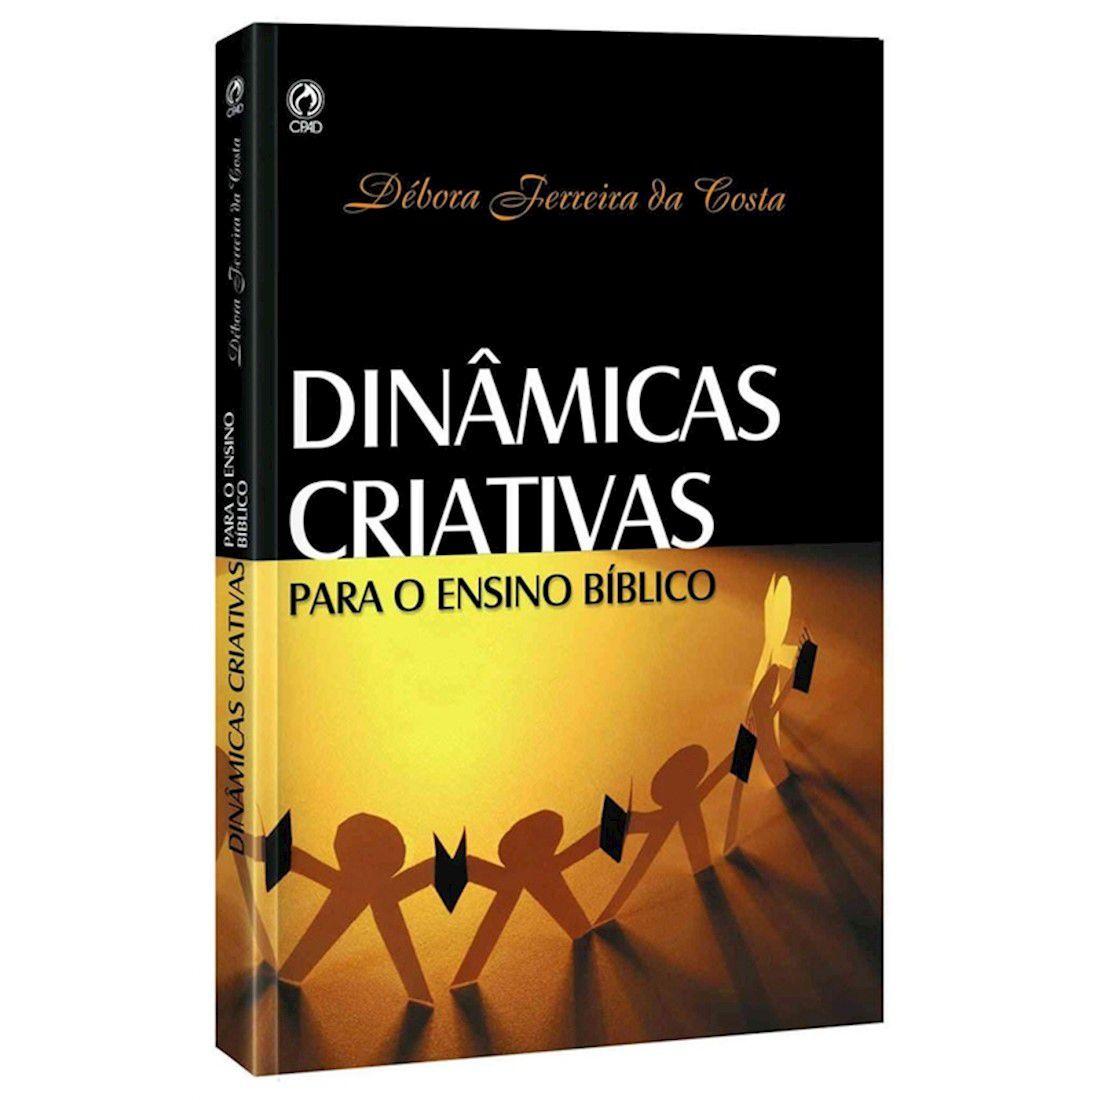 Livro Dinâmicas Criativas para o Ensino Bíblico